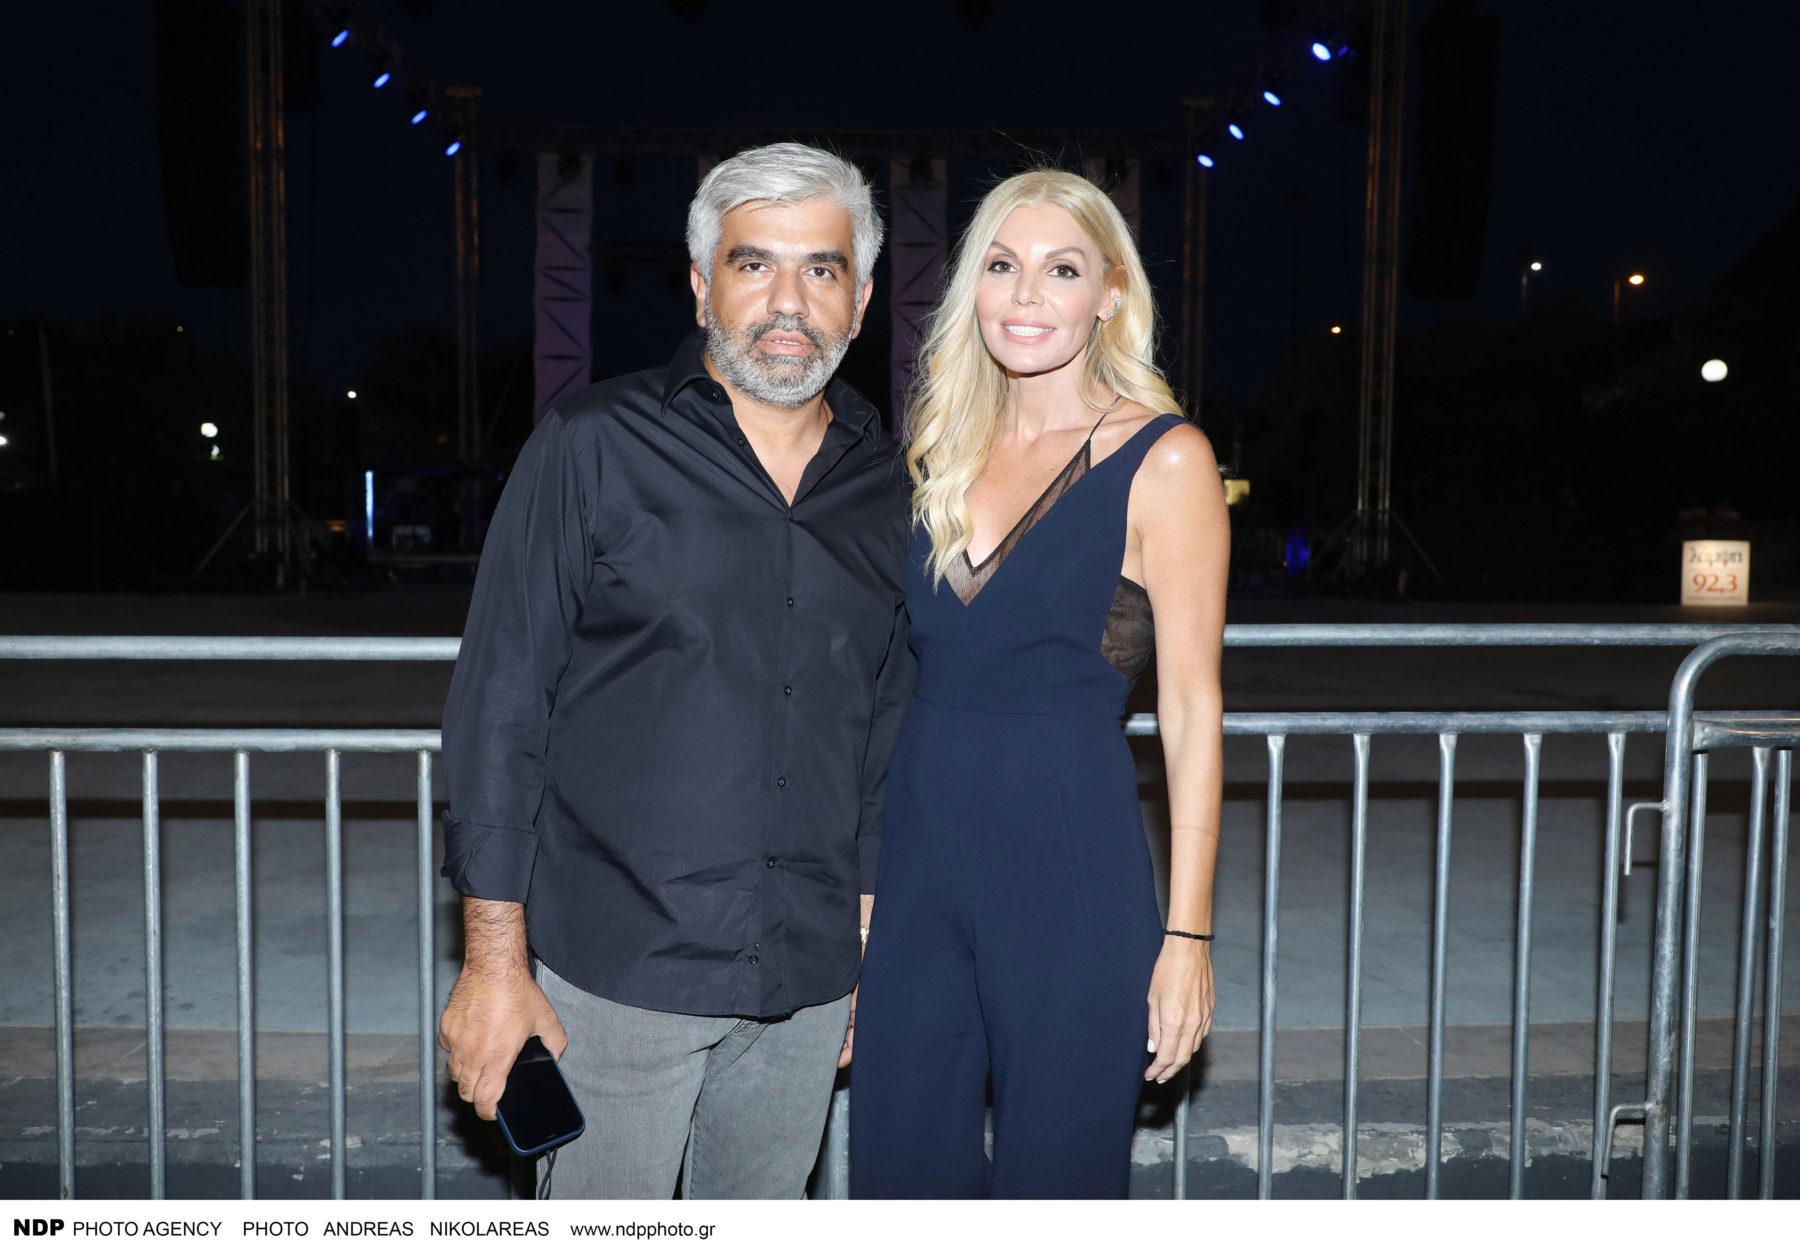 Βάσια Λόη – Νικόλας Μαδιάς: Σπάνια δημόσια εμφάνιση για το ζευγάρι